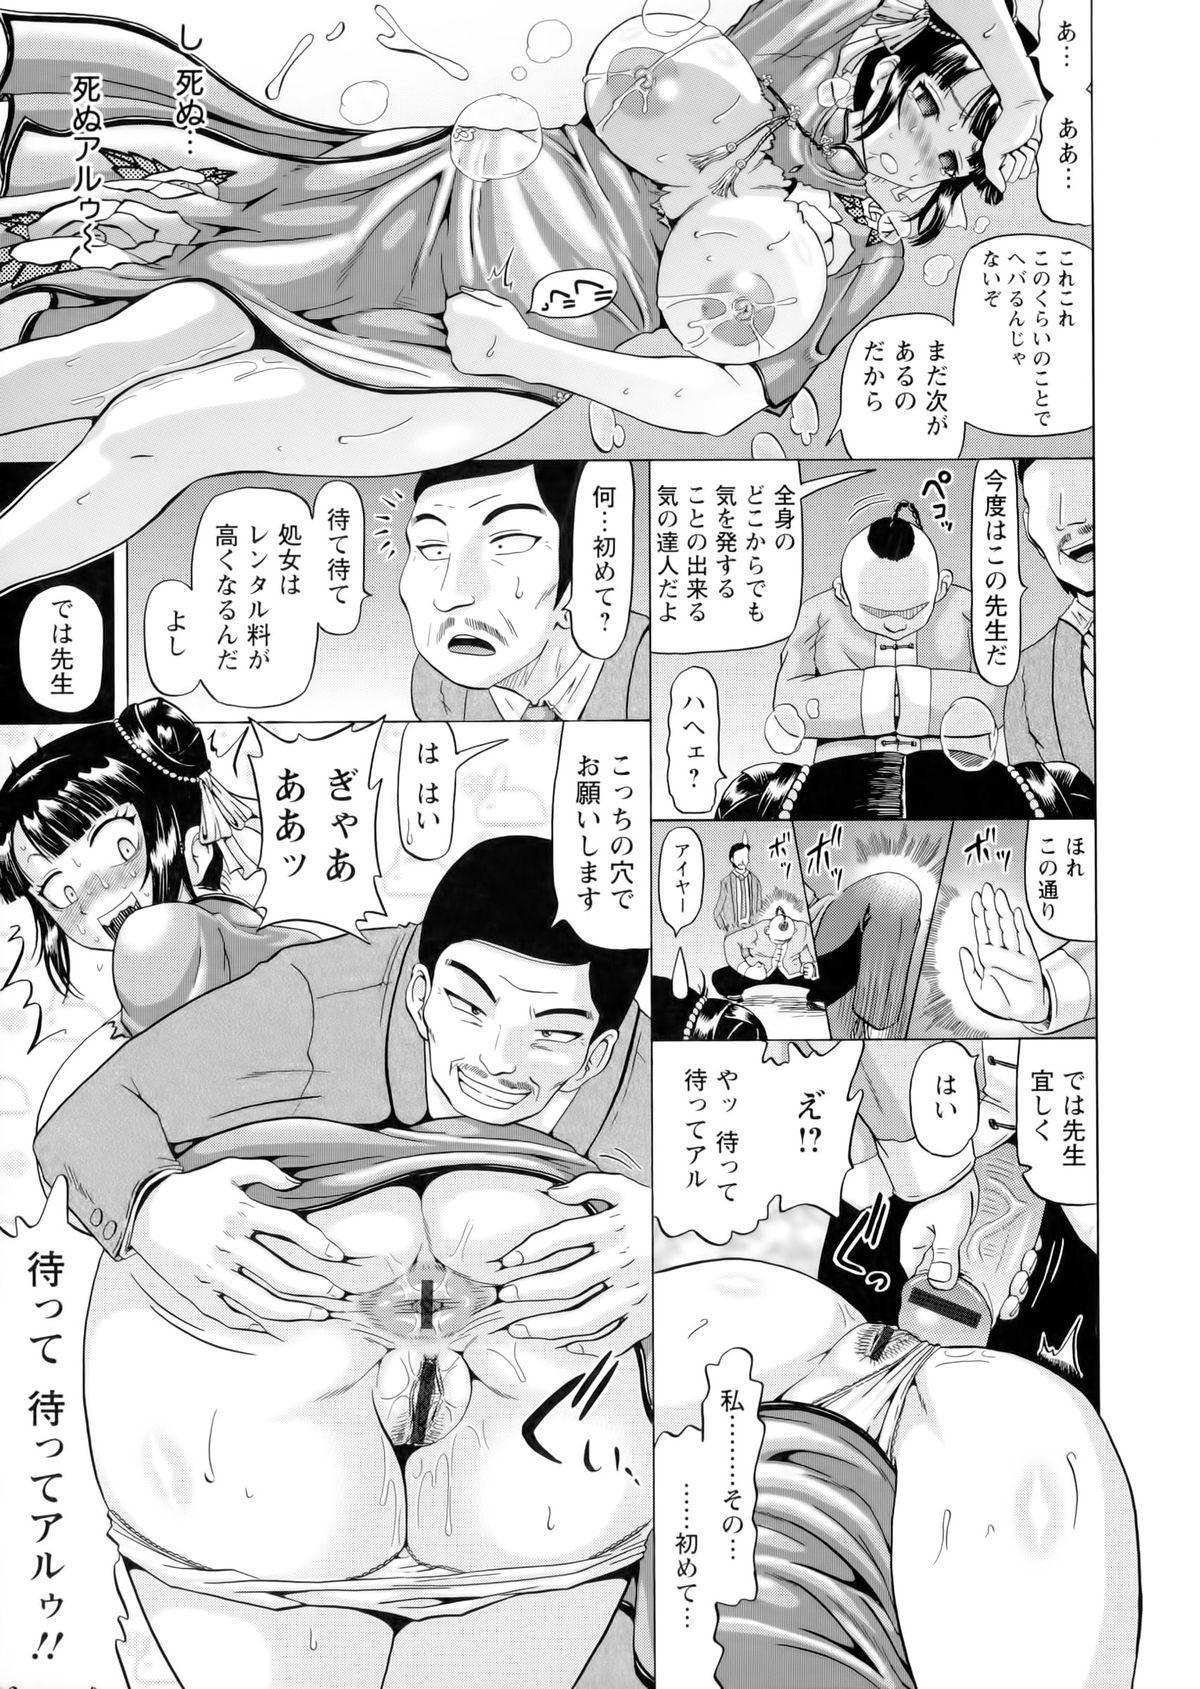 Hameana Jirashi Ketsu Naburi 164